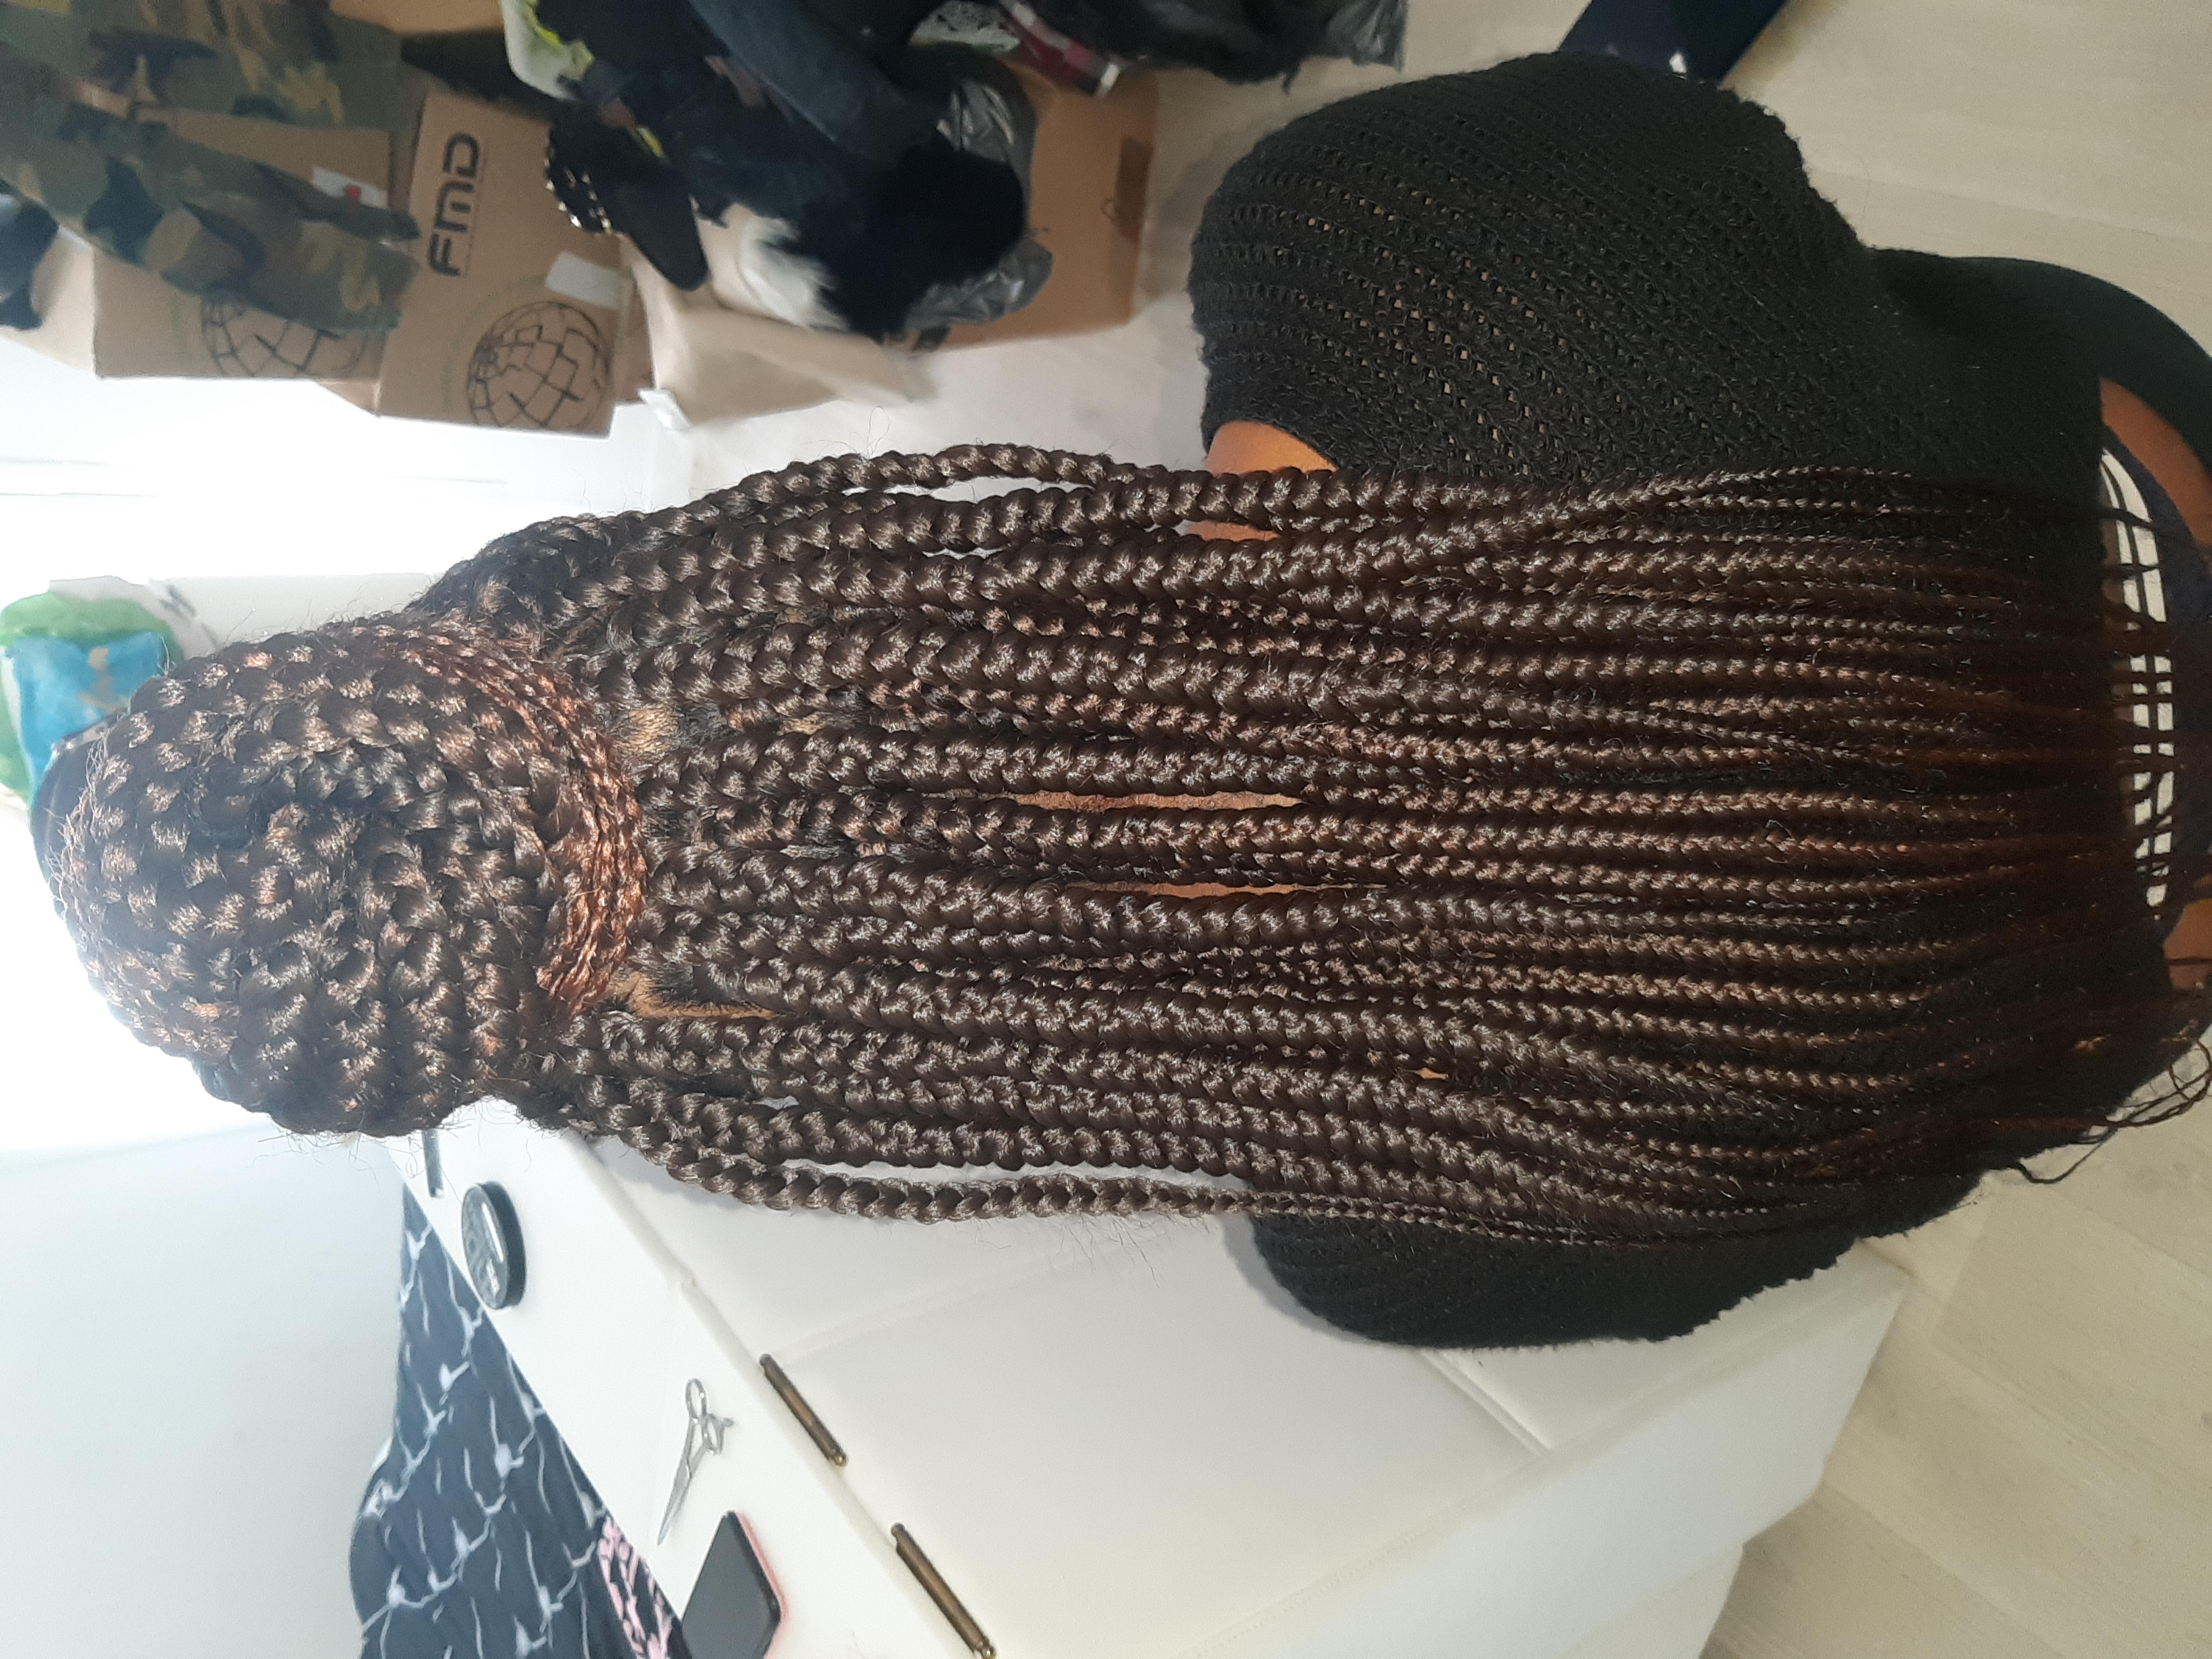 salon de coiffure afro tresse tresses box braids crochet braids vanilles tissages paris 75 77 78 91 92 93 94 95 WFTHKTNR